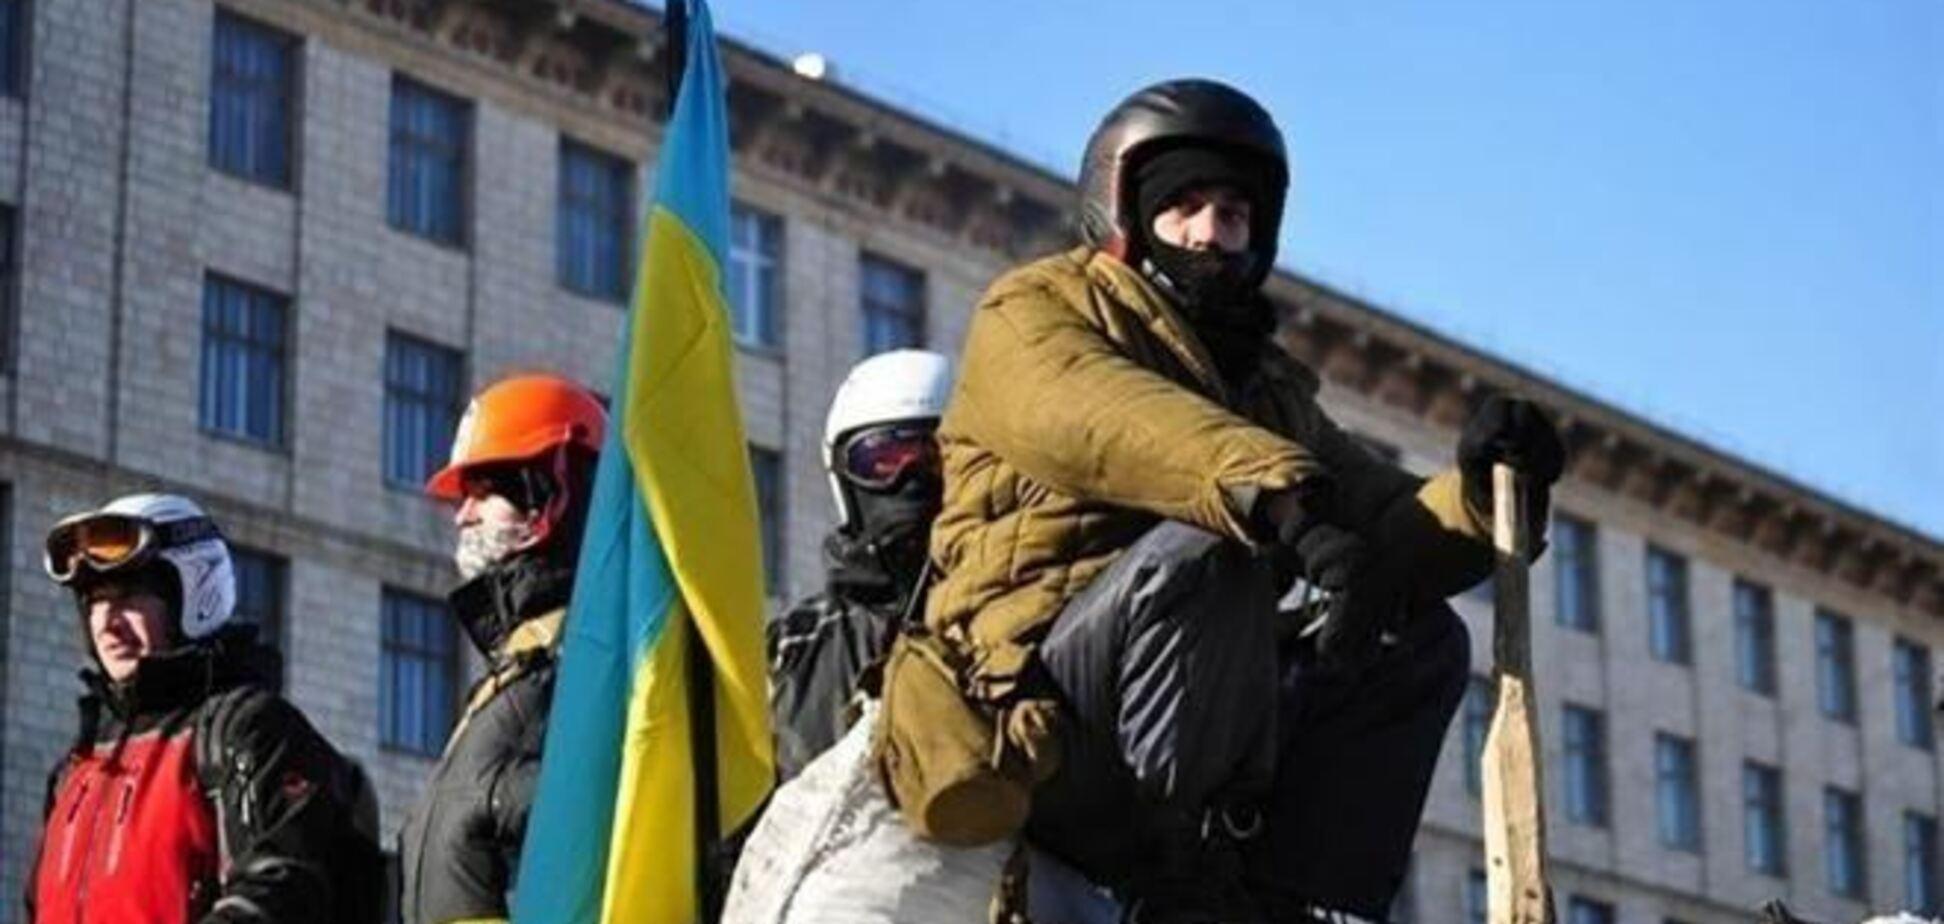 Партія регіонів поскаржилася в ГПУ на самооборону Евромайдана